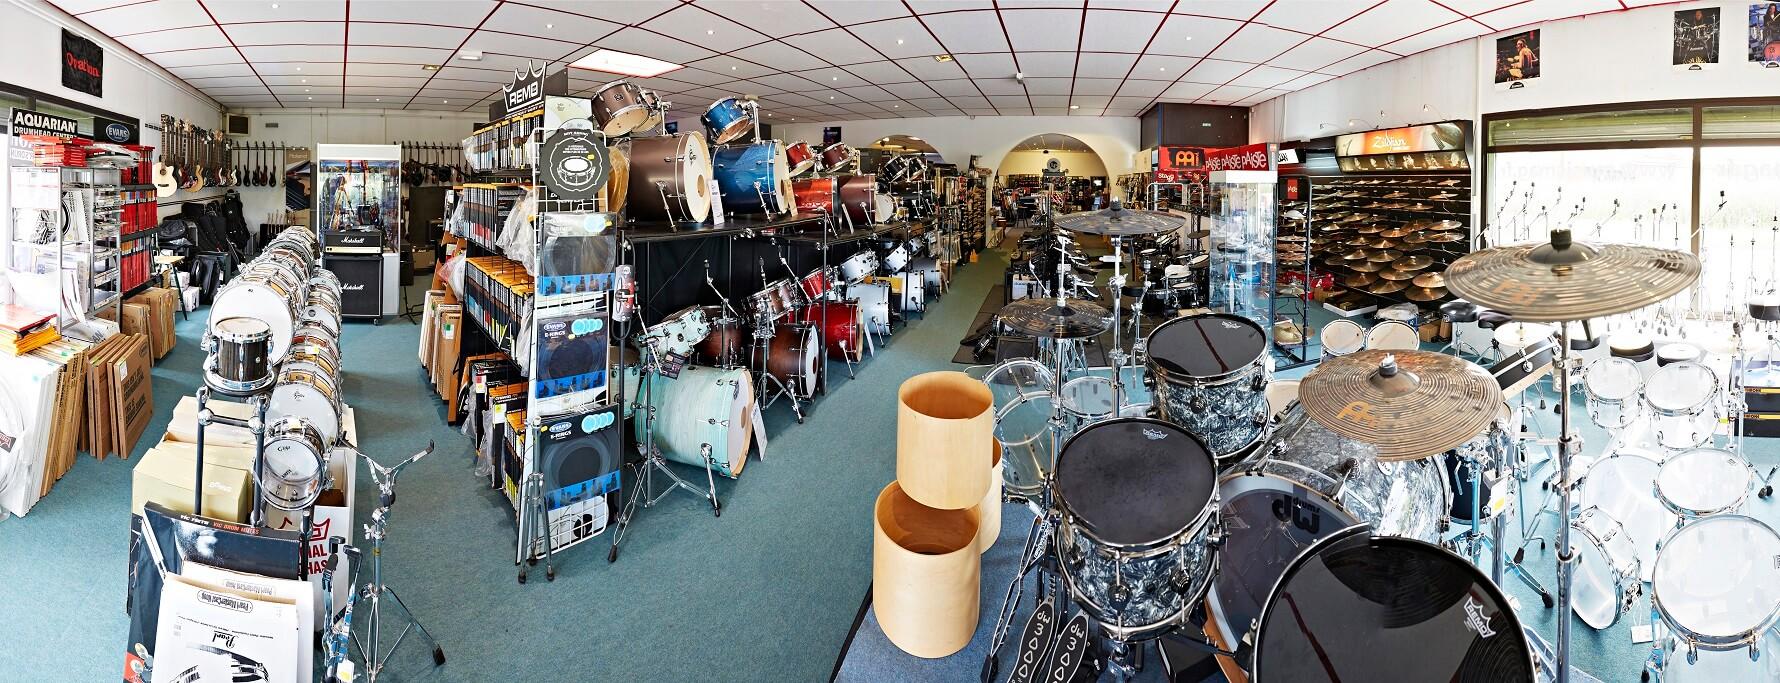 Batteries, Percussions et accessoires, Music Mag à Wittenheim